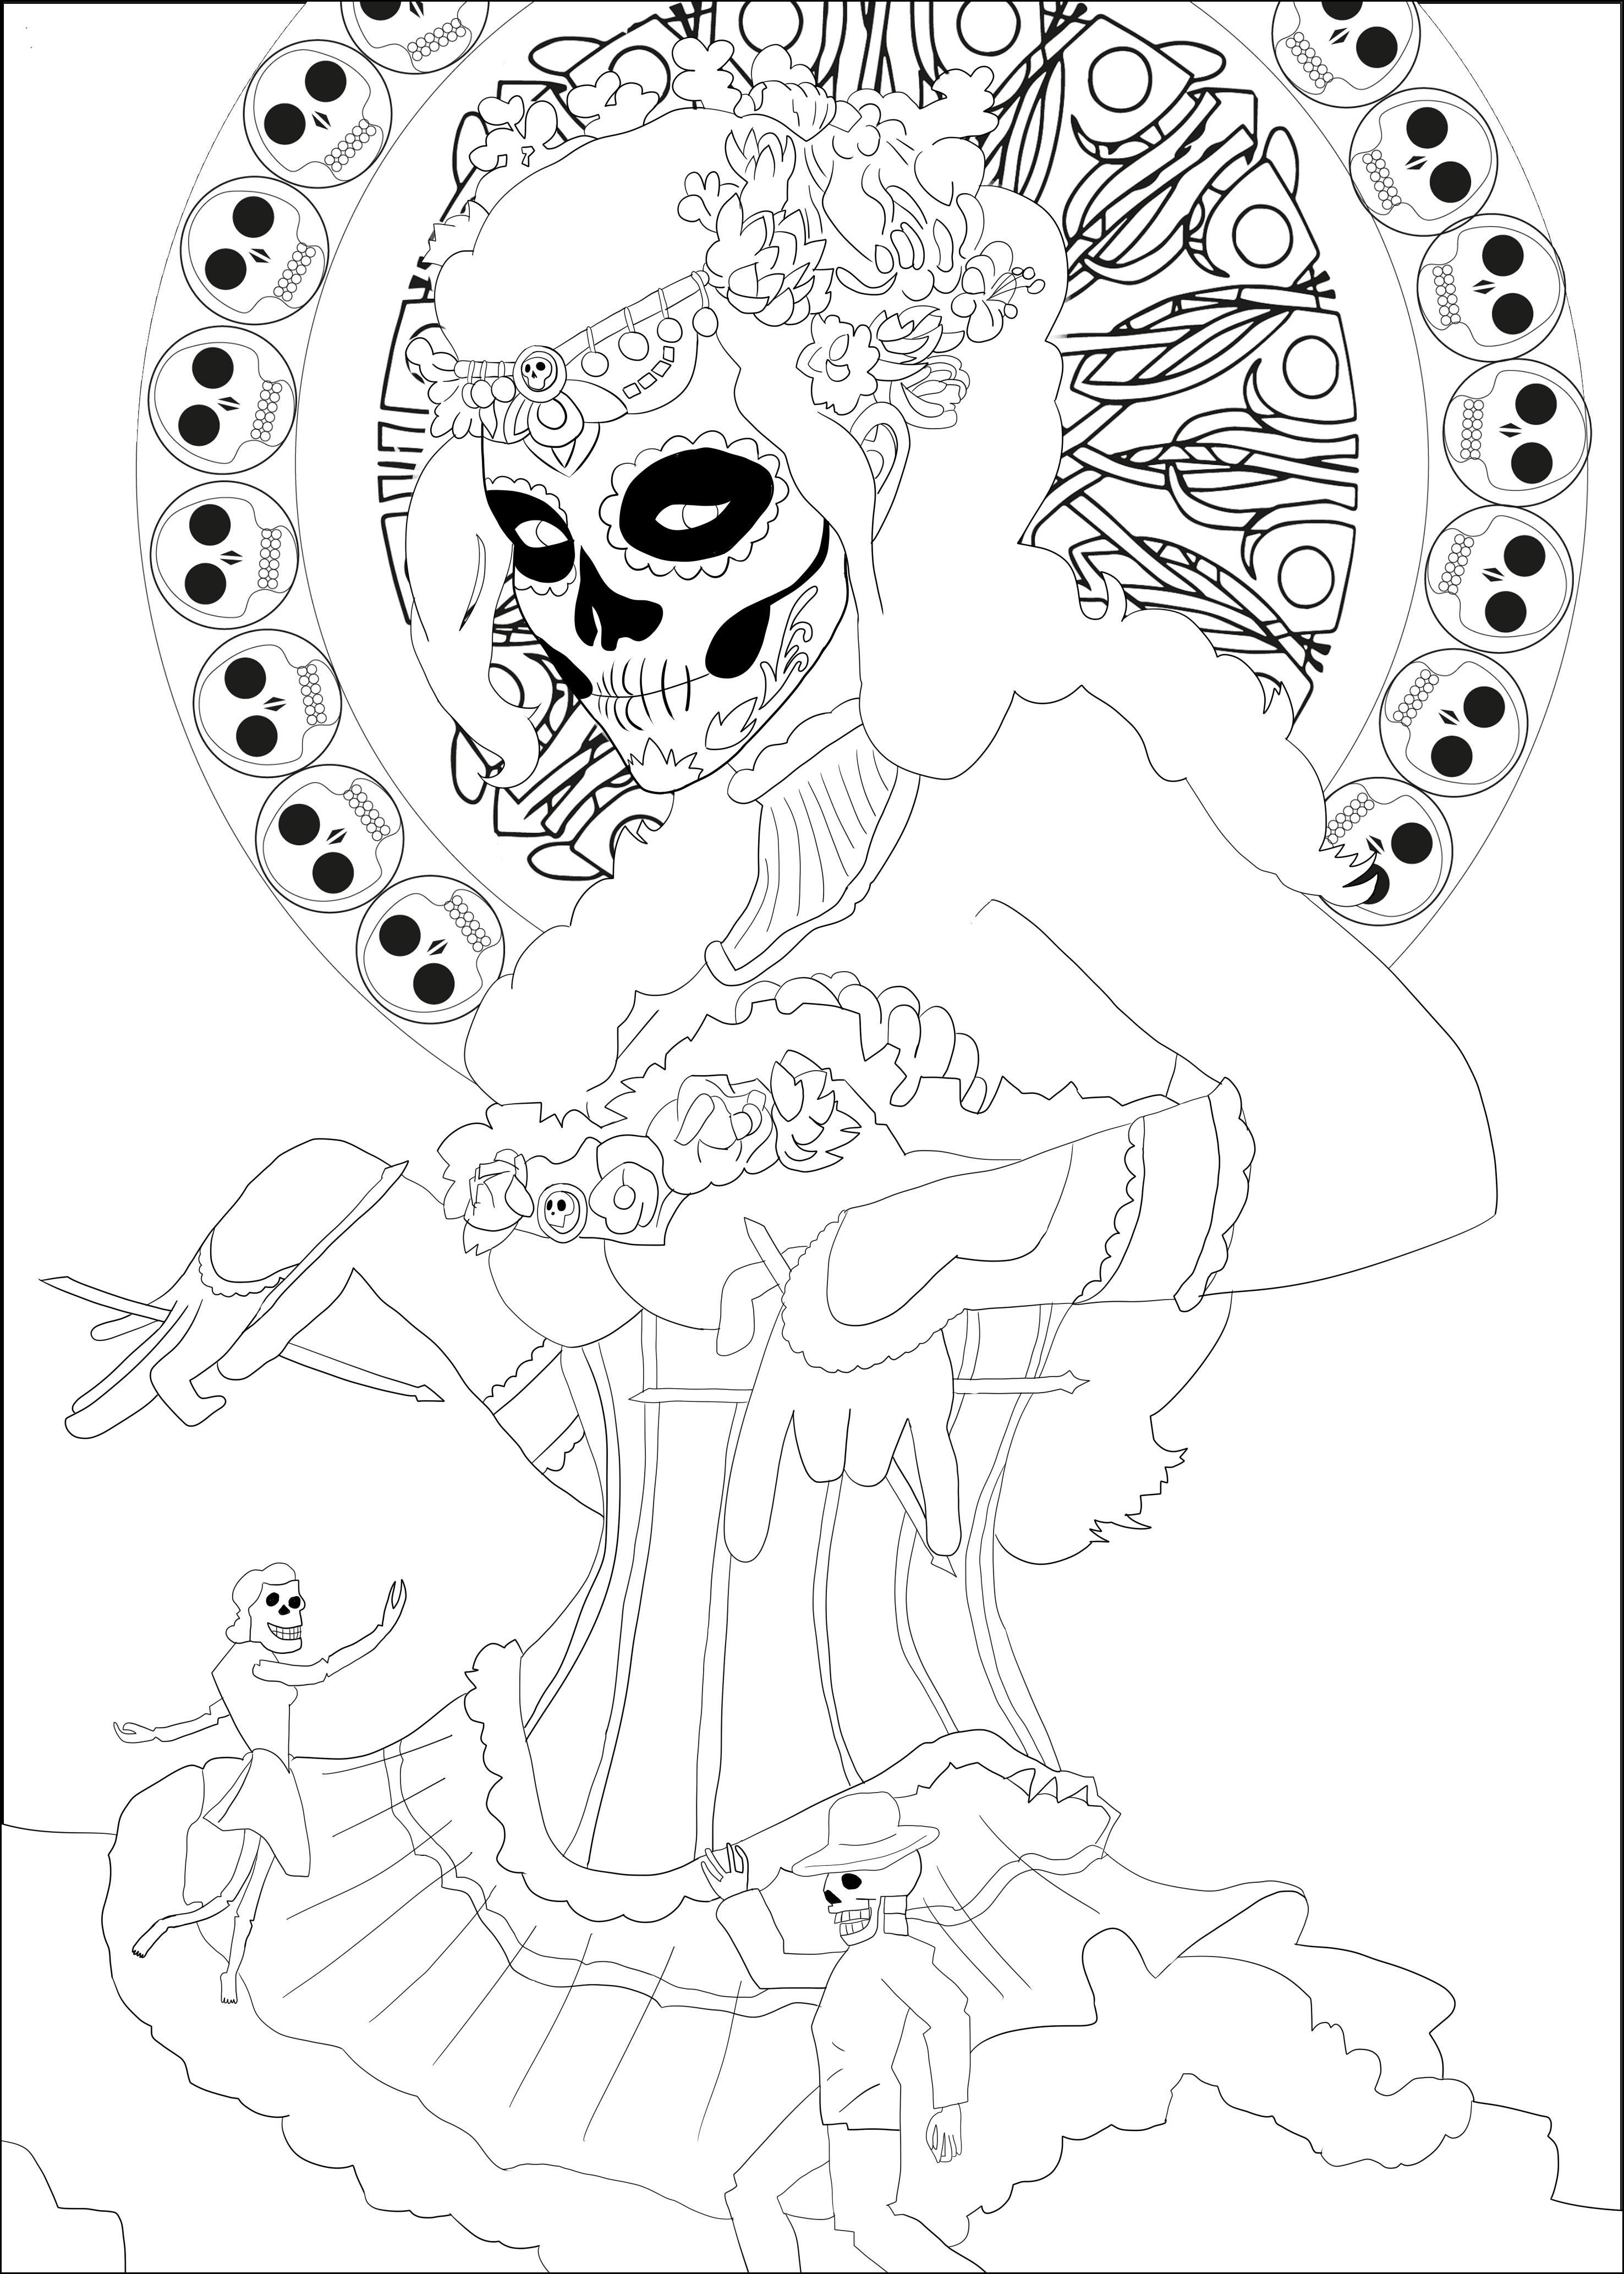 Colorear para adultos  : El Día De Los Muertos - 10